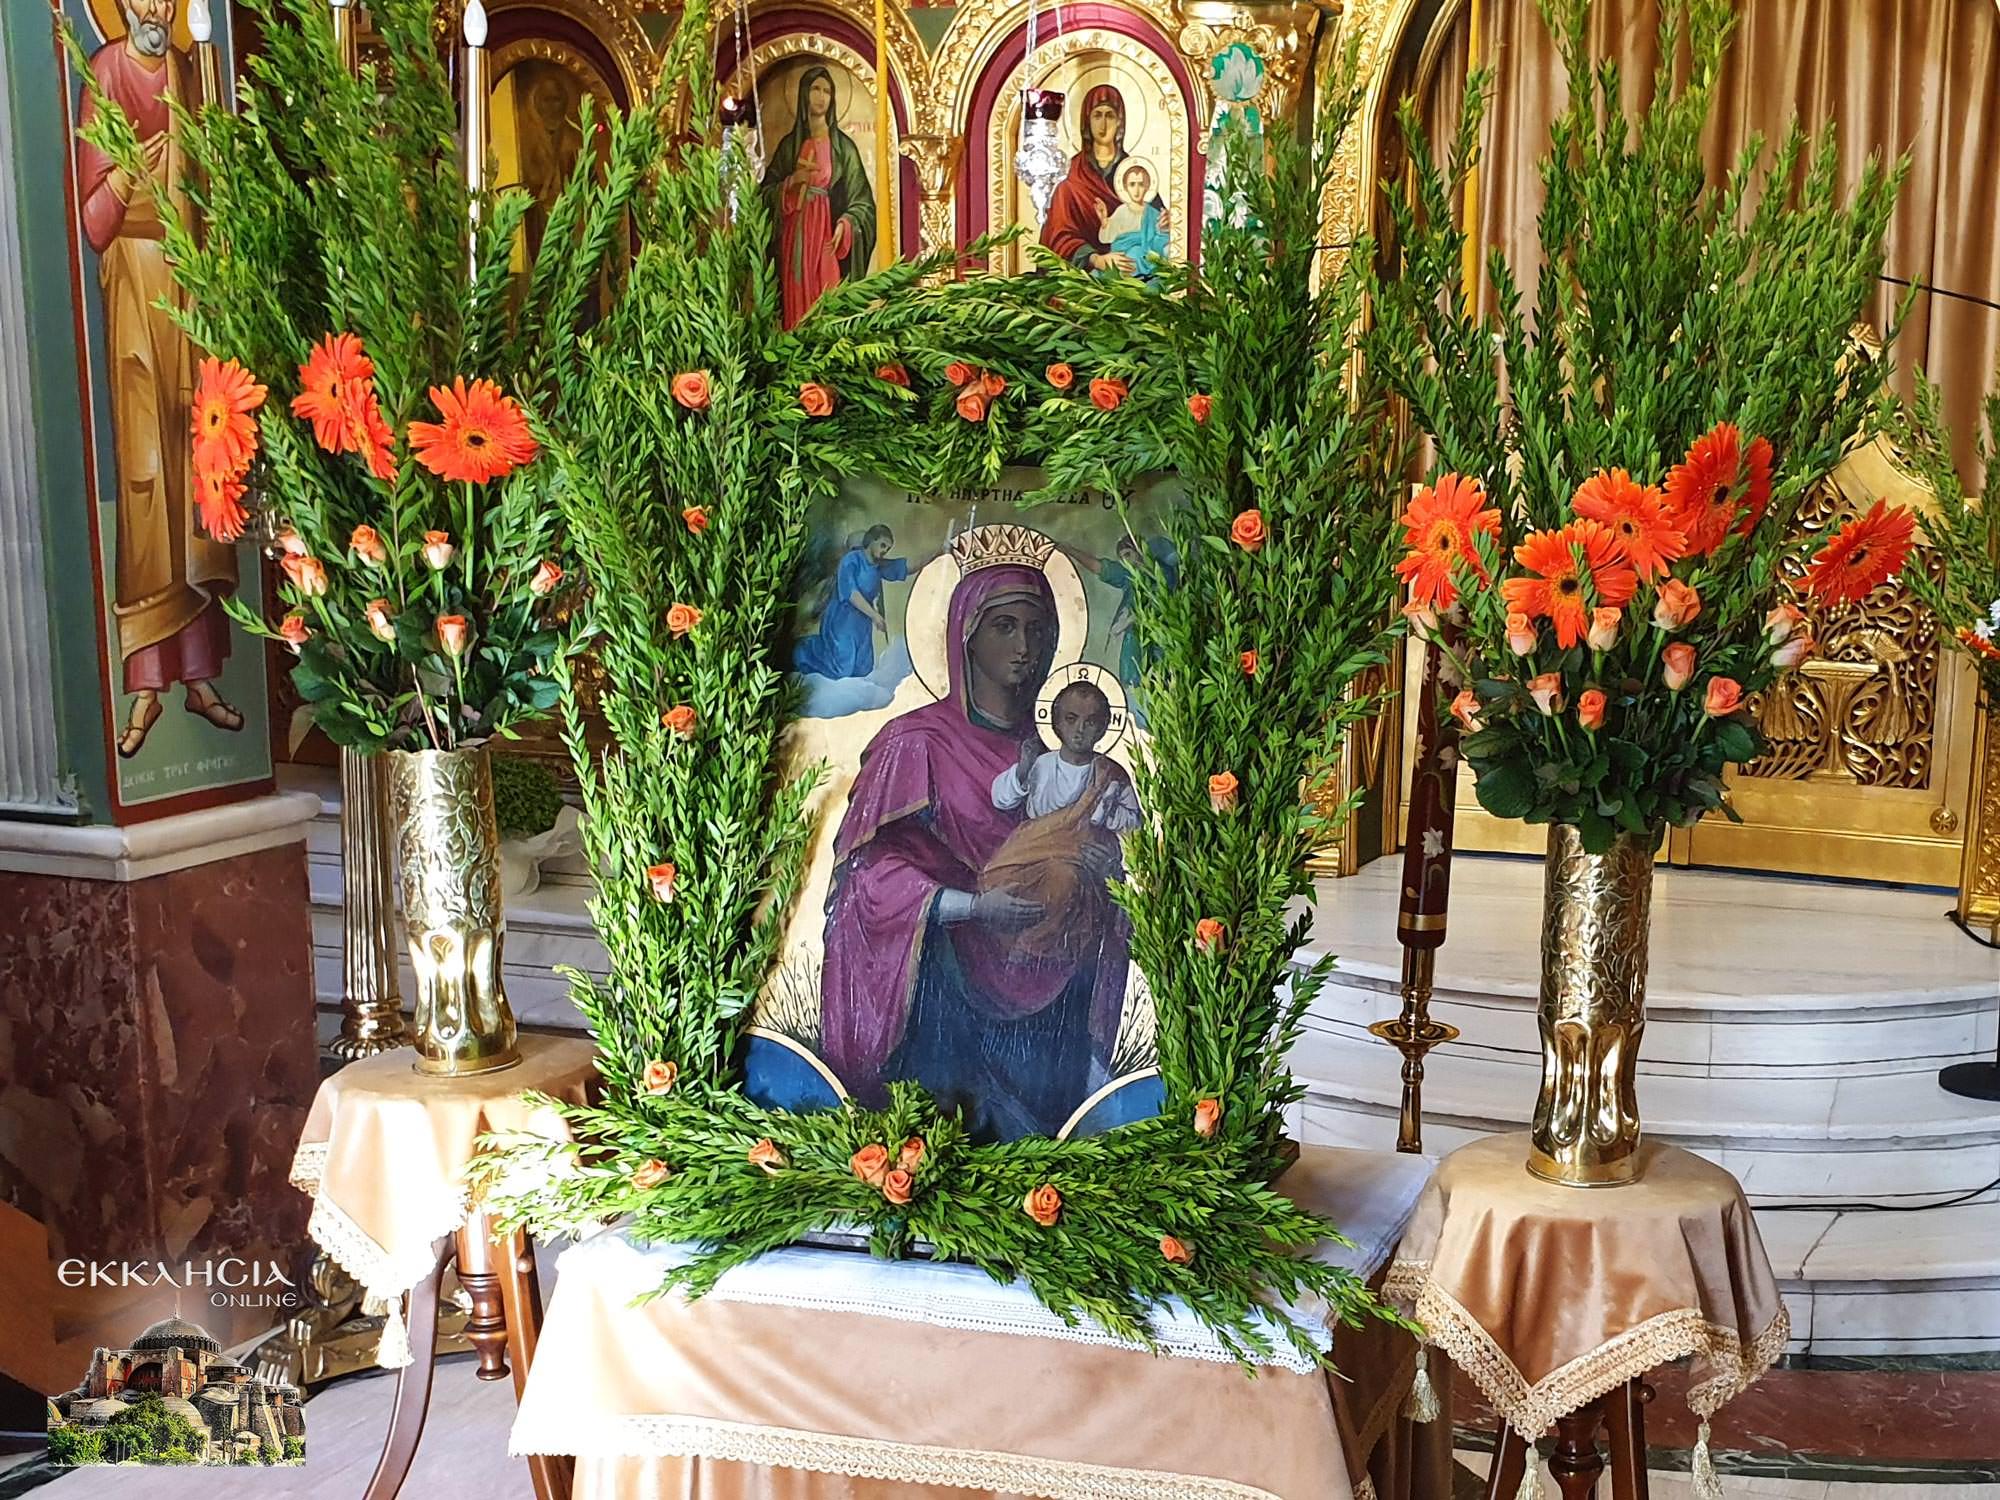 Εικόνα Παναγίας Εκκλησία Αγίας Γλυκερίας